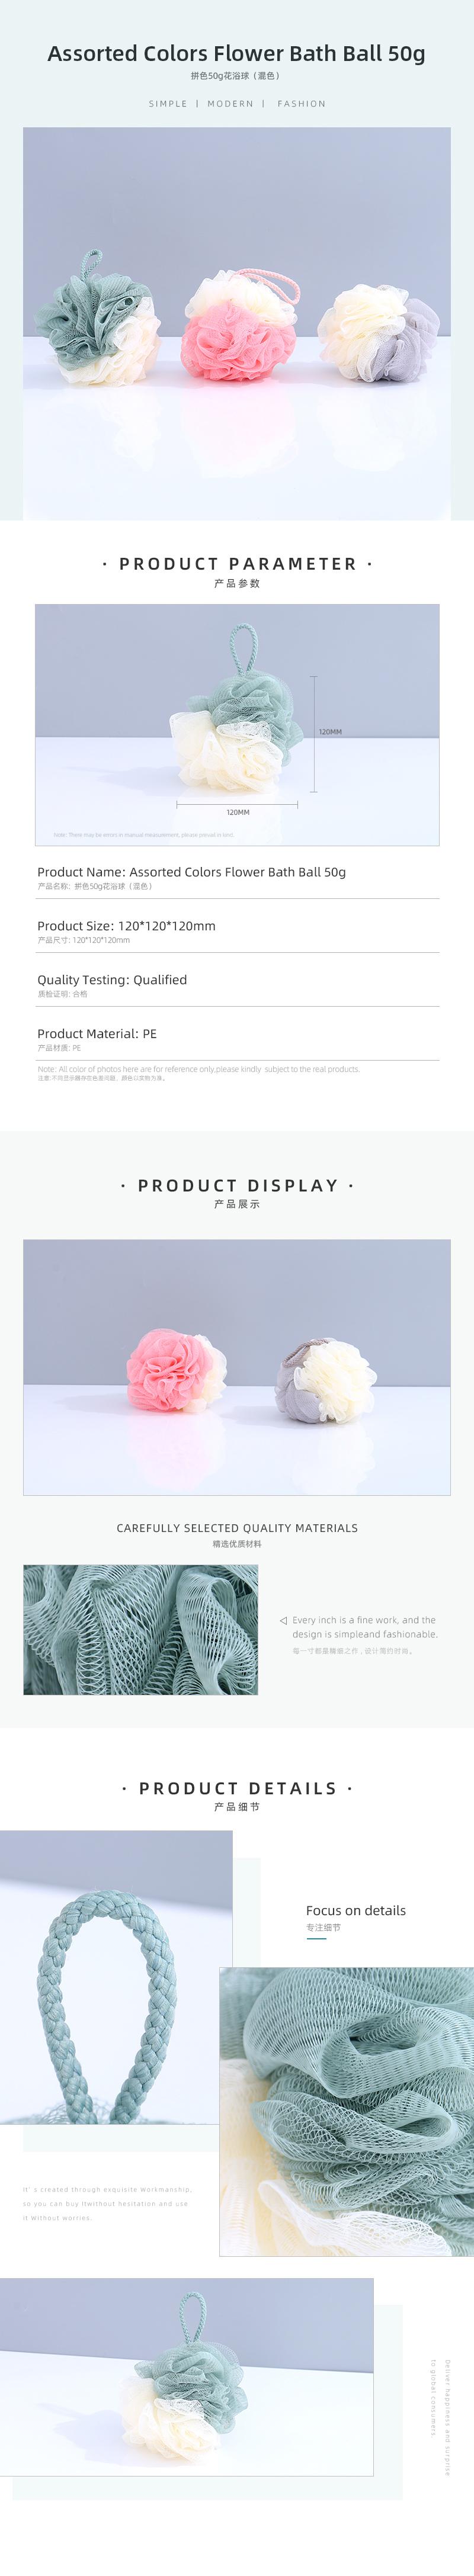 Assorted Colors Flower Bath Ball 50g /></p> </div> </div> </div> <div class=